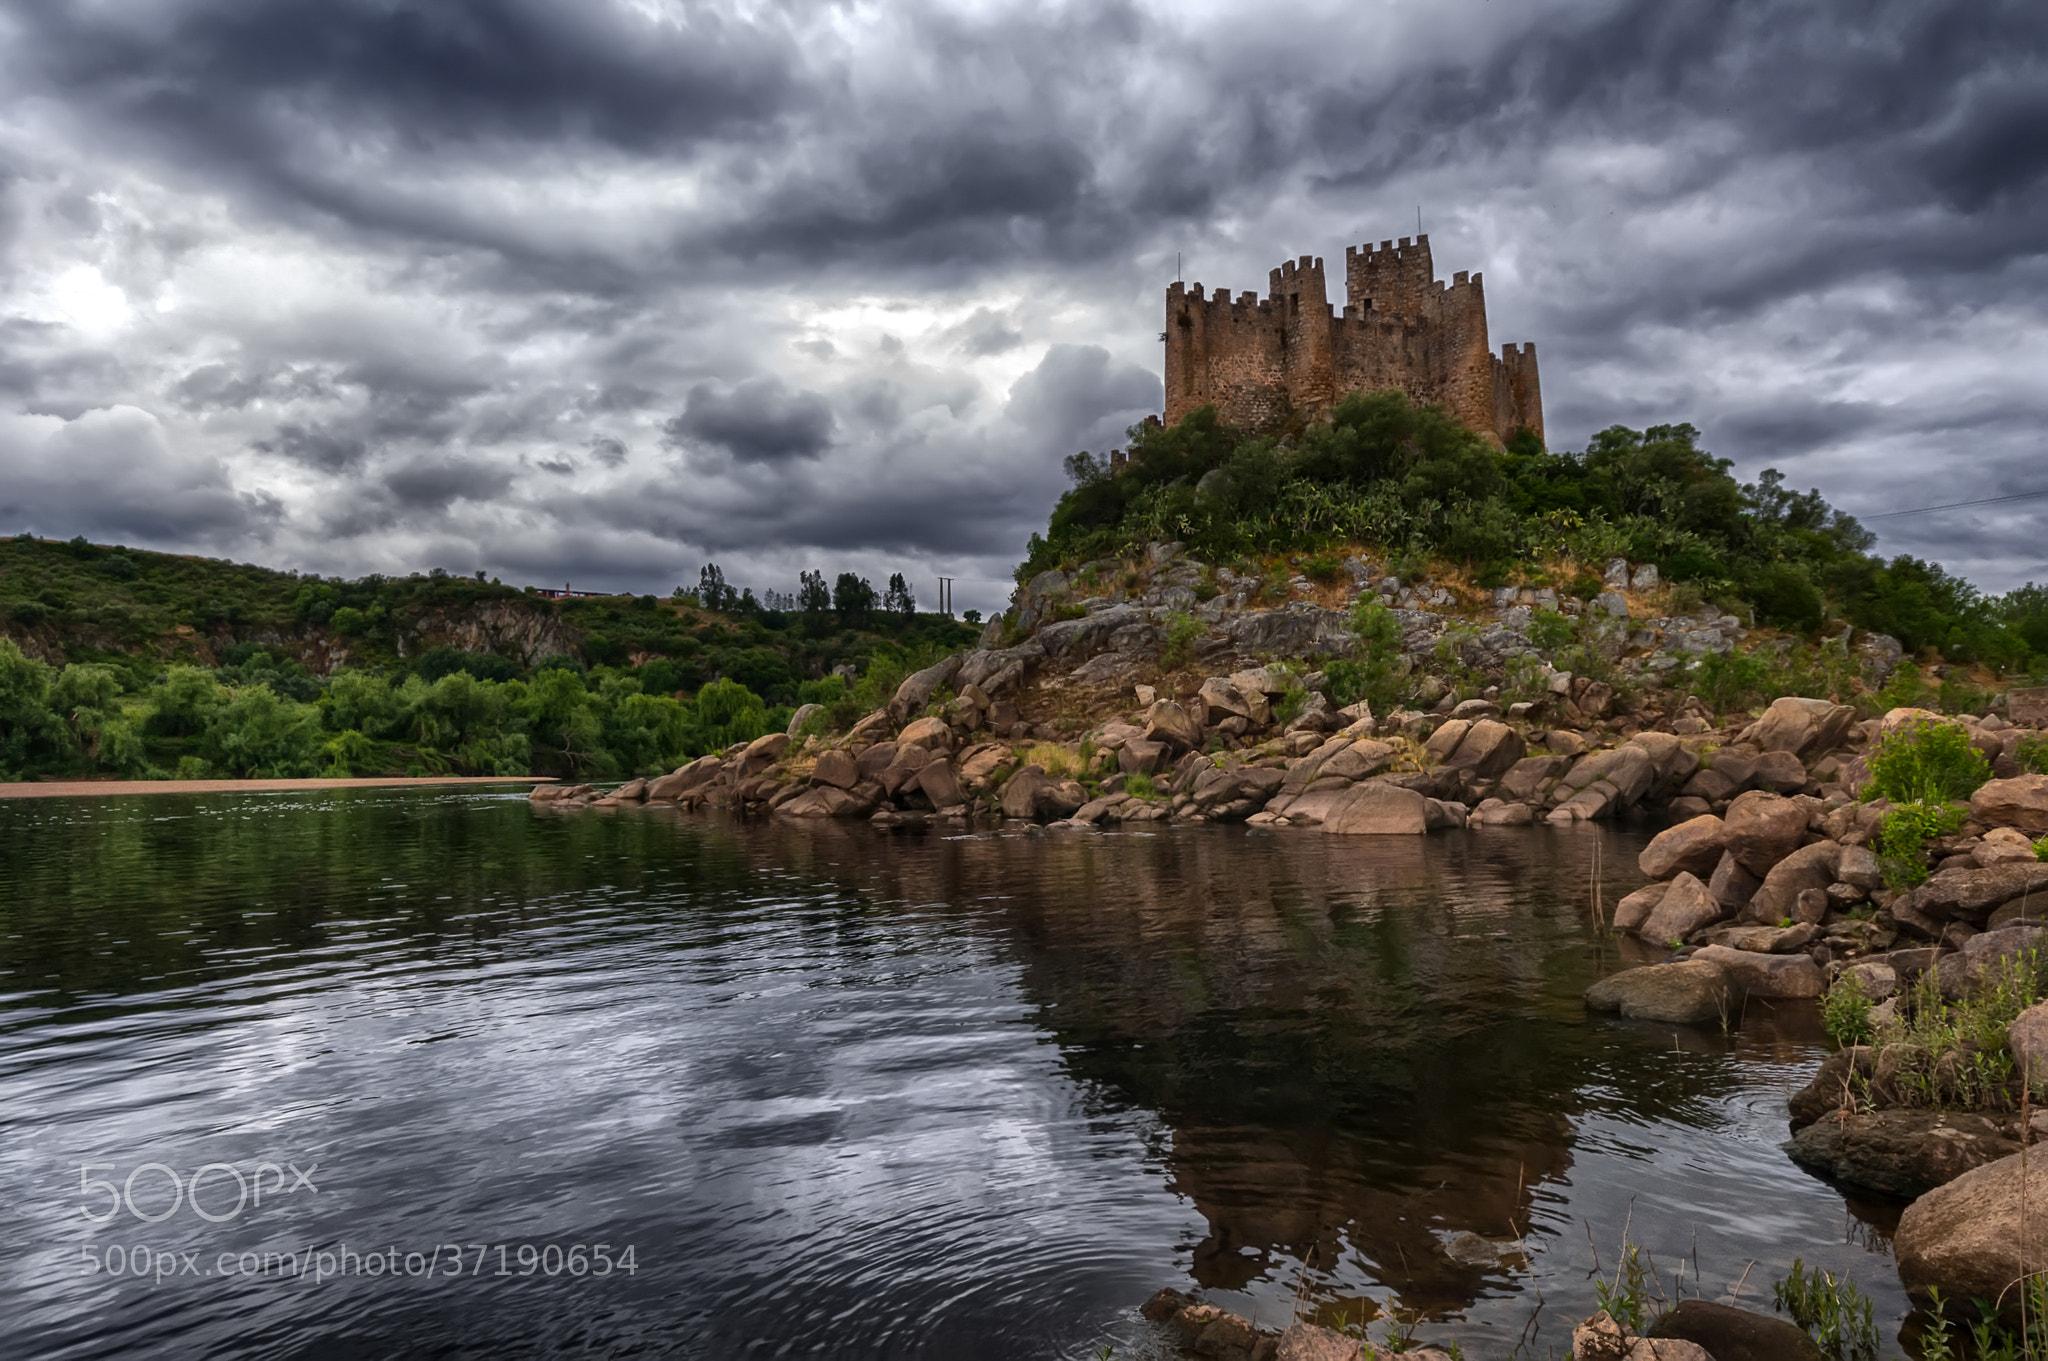 Photograph Castelo de Almourol by Jorge Orfão on 500px